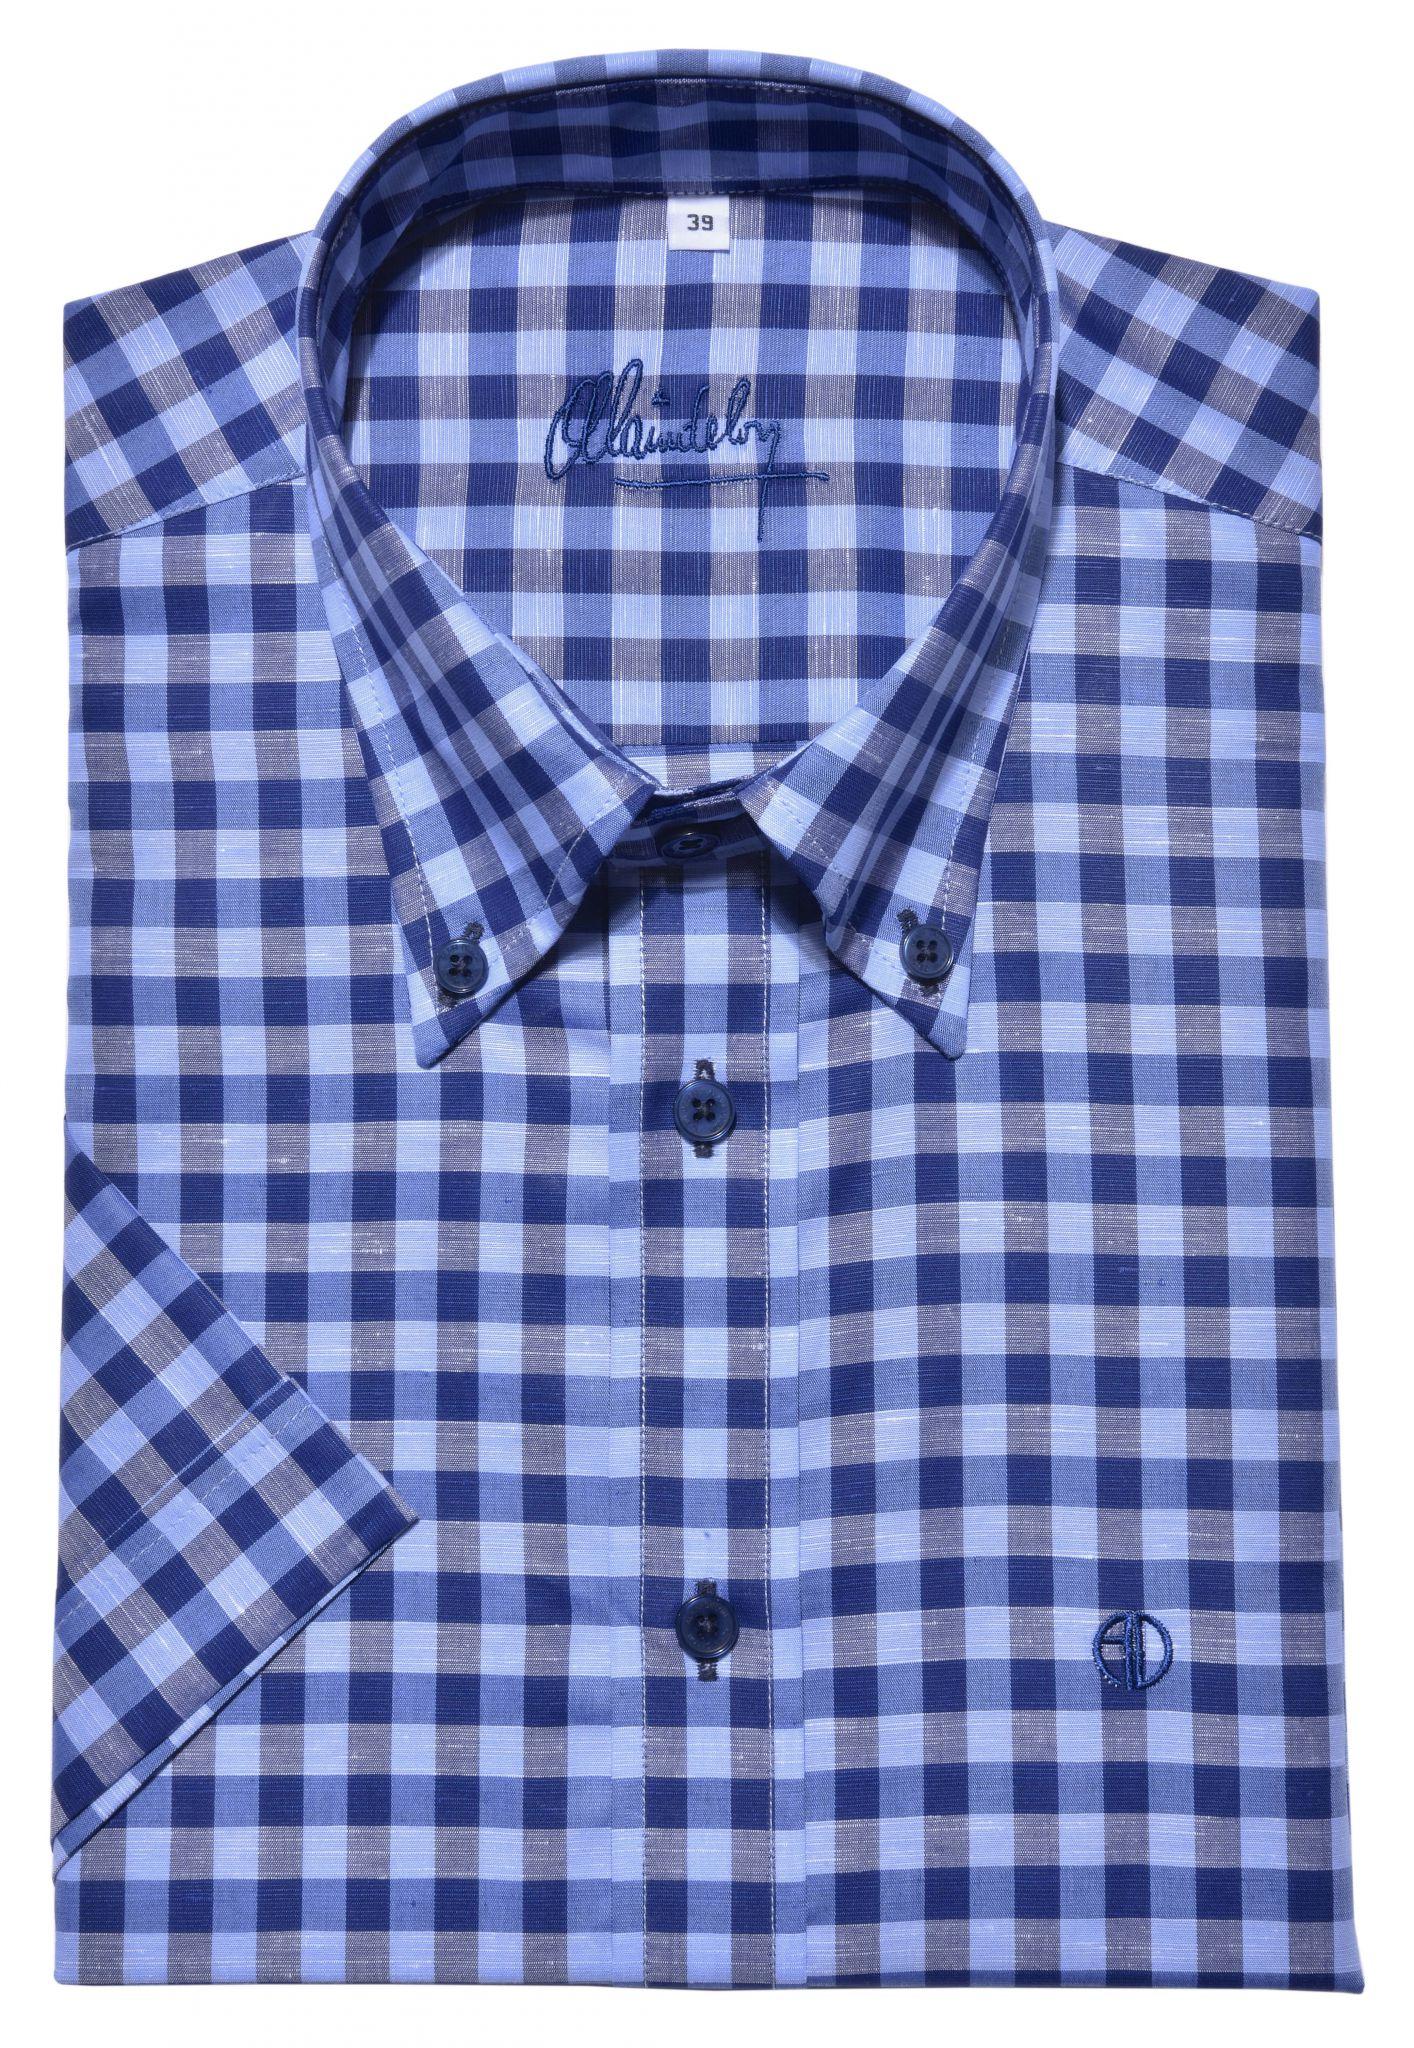 e7fa2057a441 Modrá károvaná Slim Fit košeľa s krátkym rukávom - Košele krátky ...